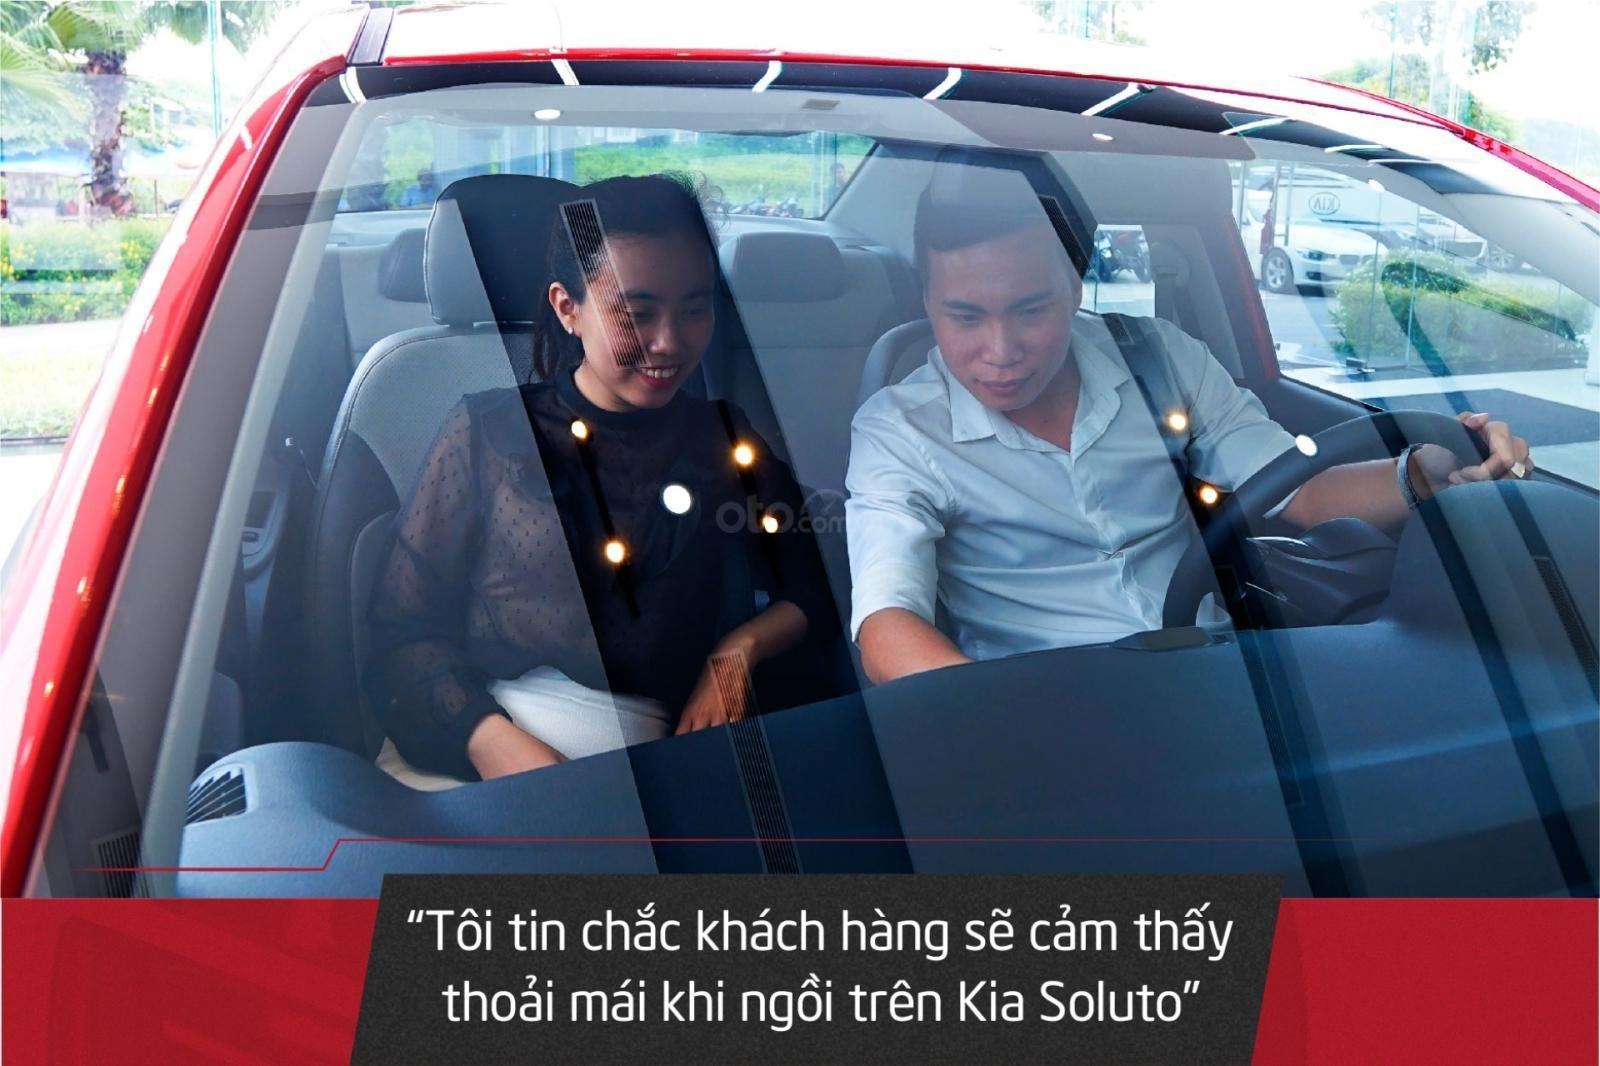 Kia Soluto 1.4MT - Mẫu sedan hạng B tối ưu nhất, kinh tế nhất cho khách hàng kinh doanh vận tải (2)